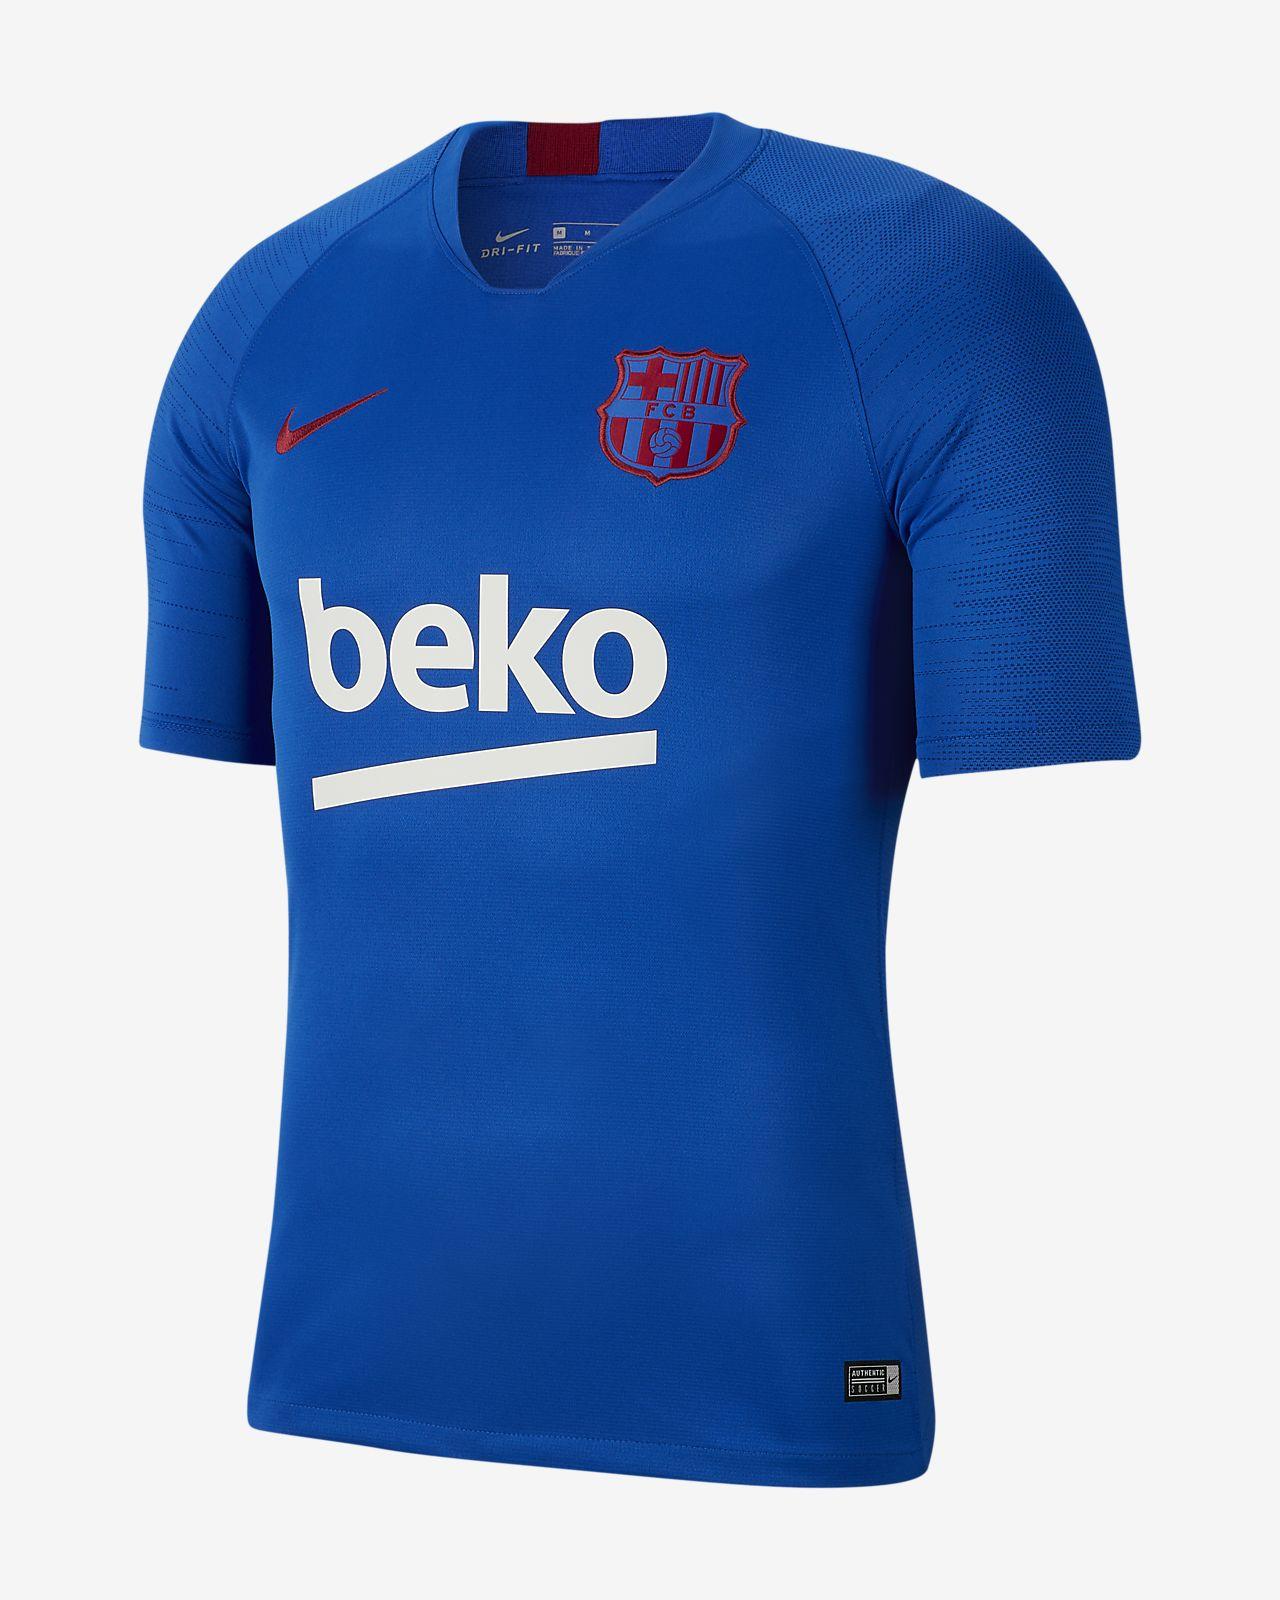 Ανδρική κοντομάνικη ποδοσφαιρική μπλούζα Nike Breathe FC Barcelona Strike